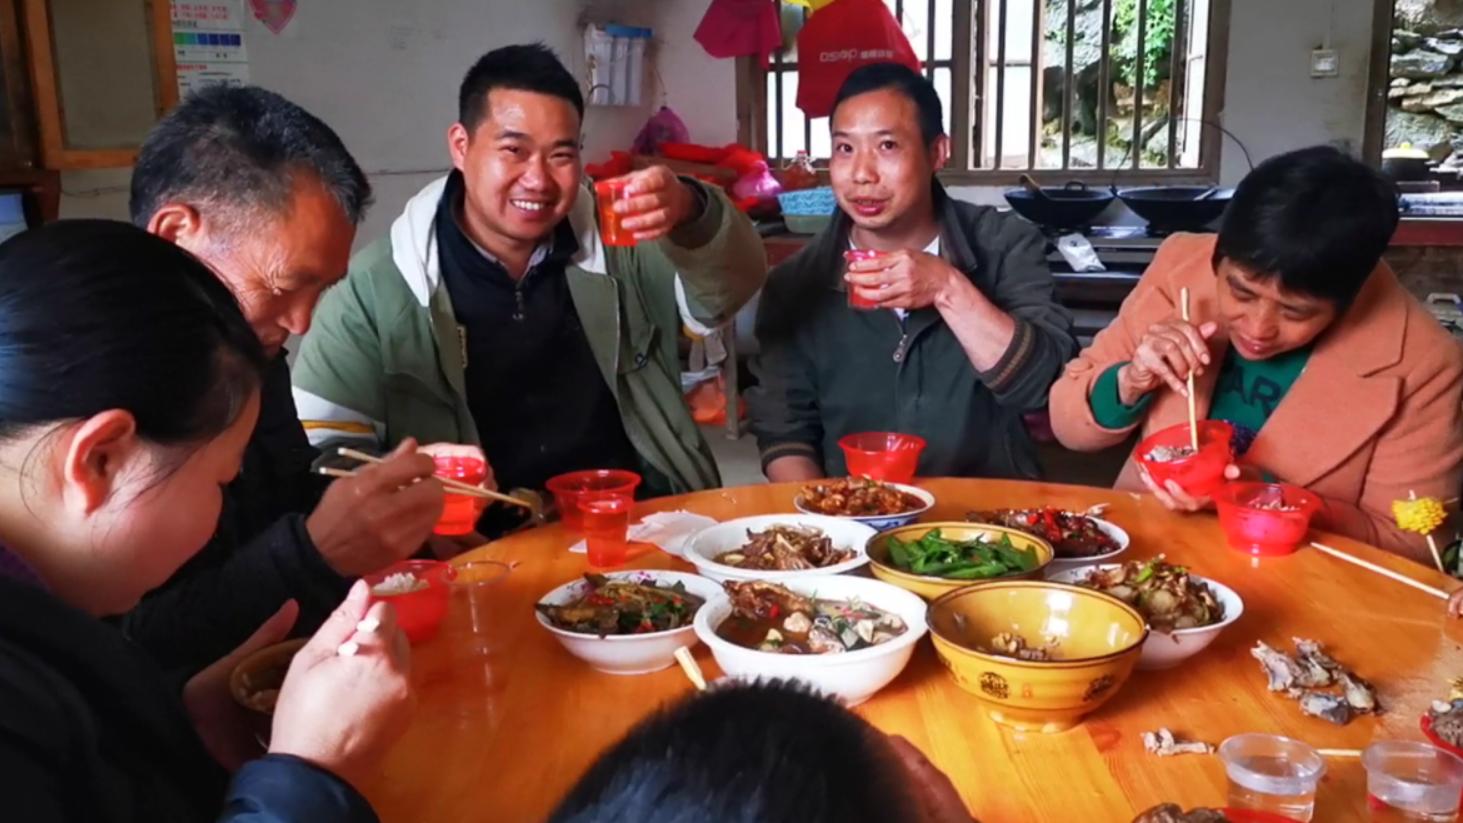 今天老妈54岁生日,小农乡备了2桌菜,和表哥喝了5杯金樱子酒